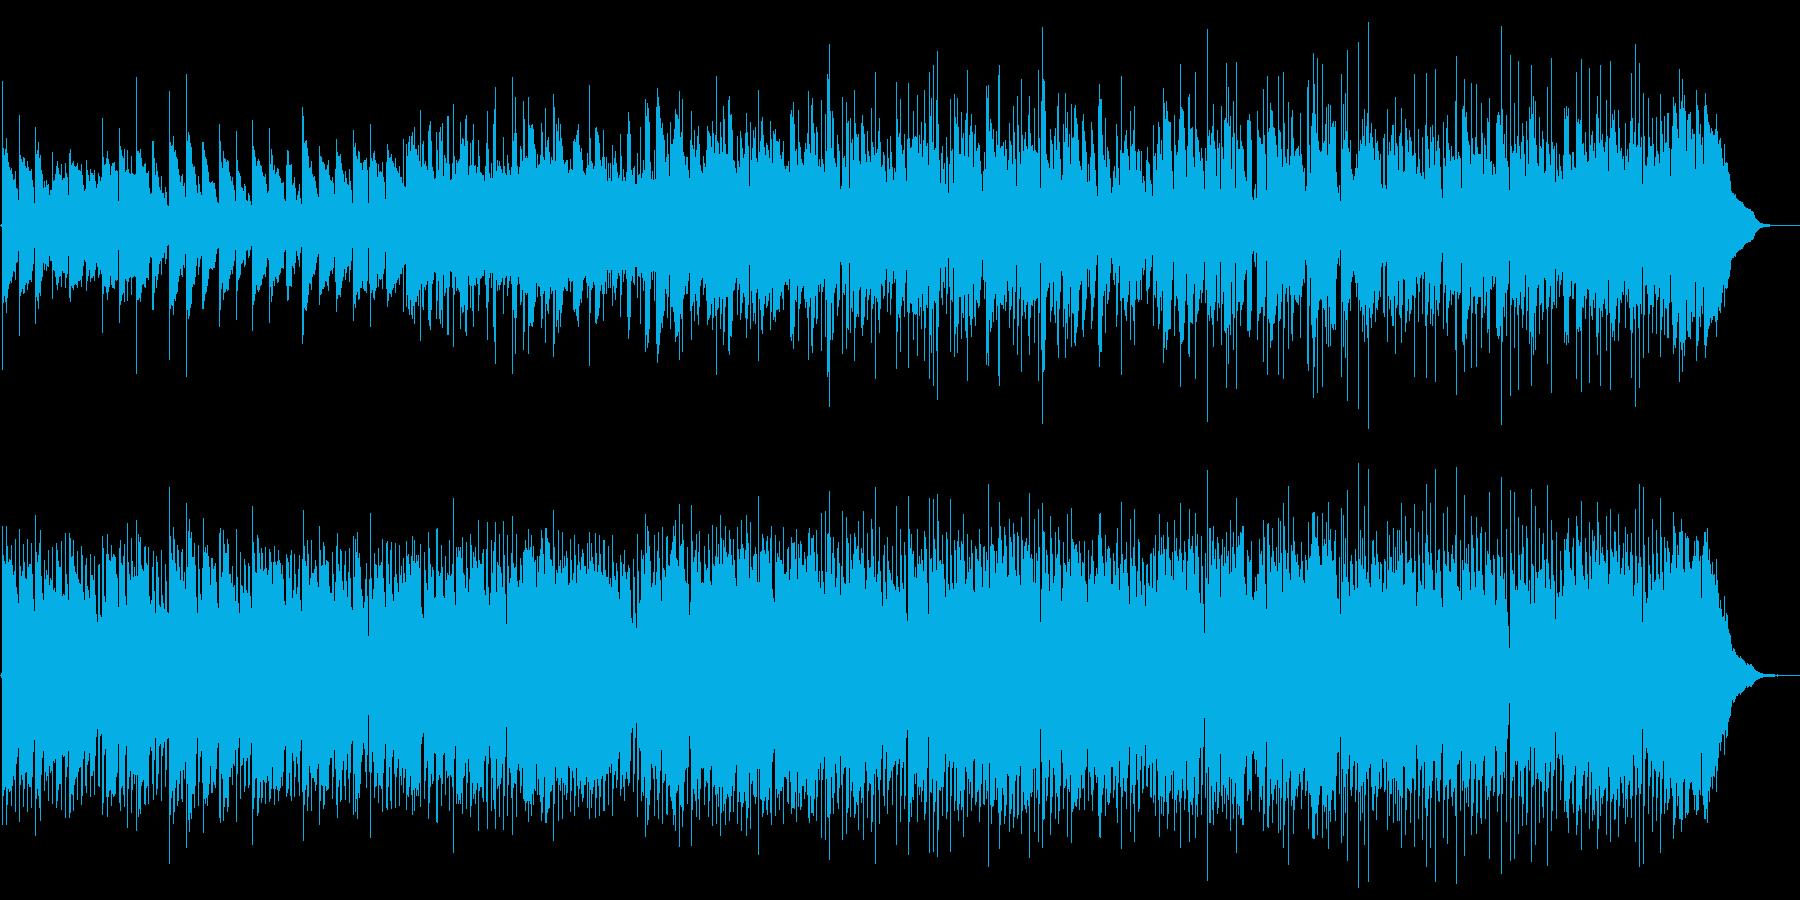 パッヘルベルのカノンJazzの再生済みの波形